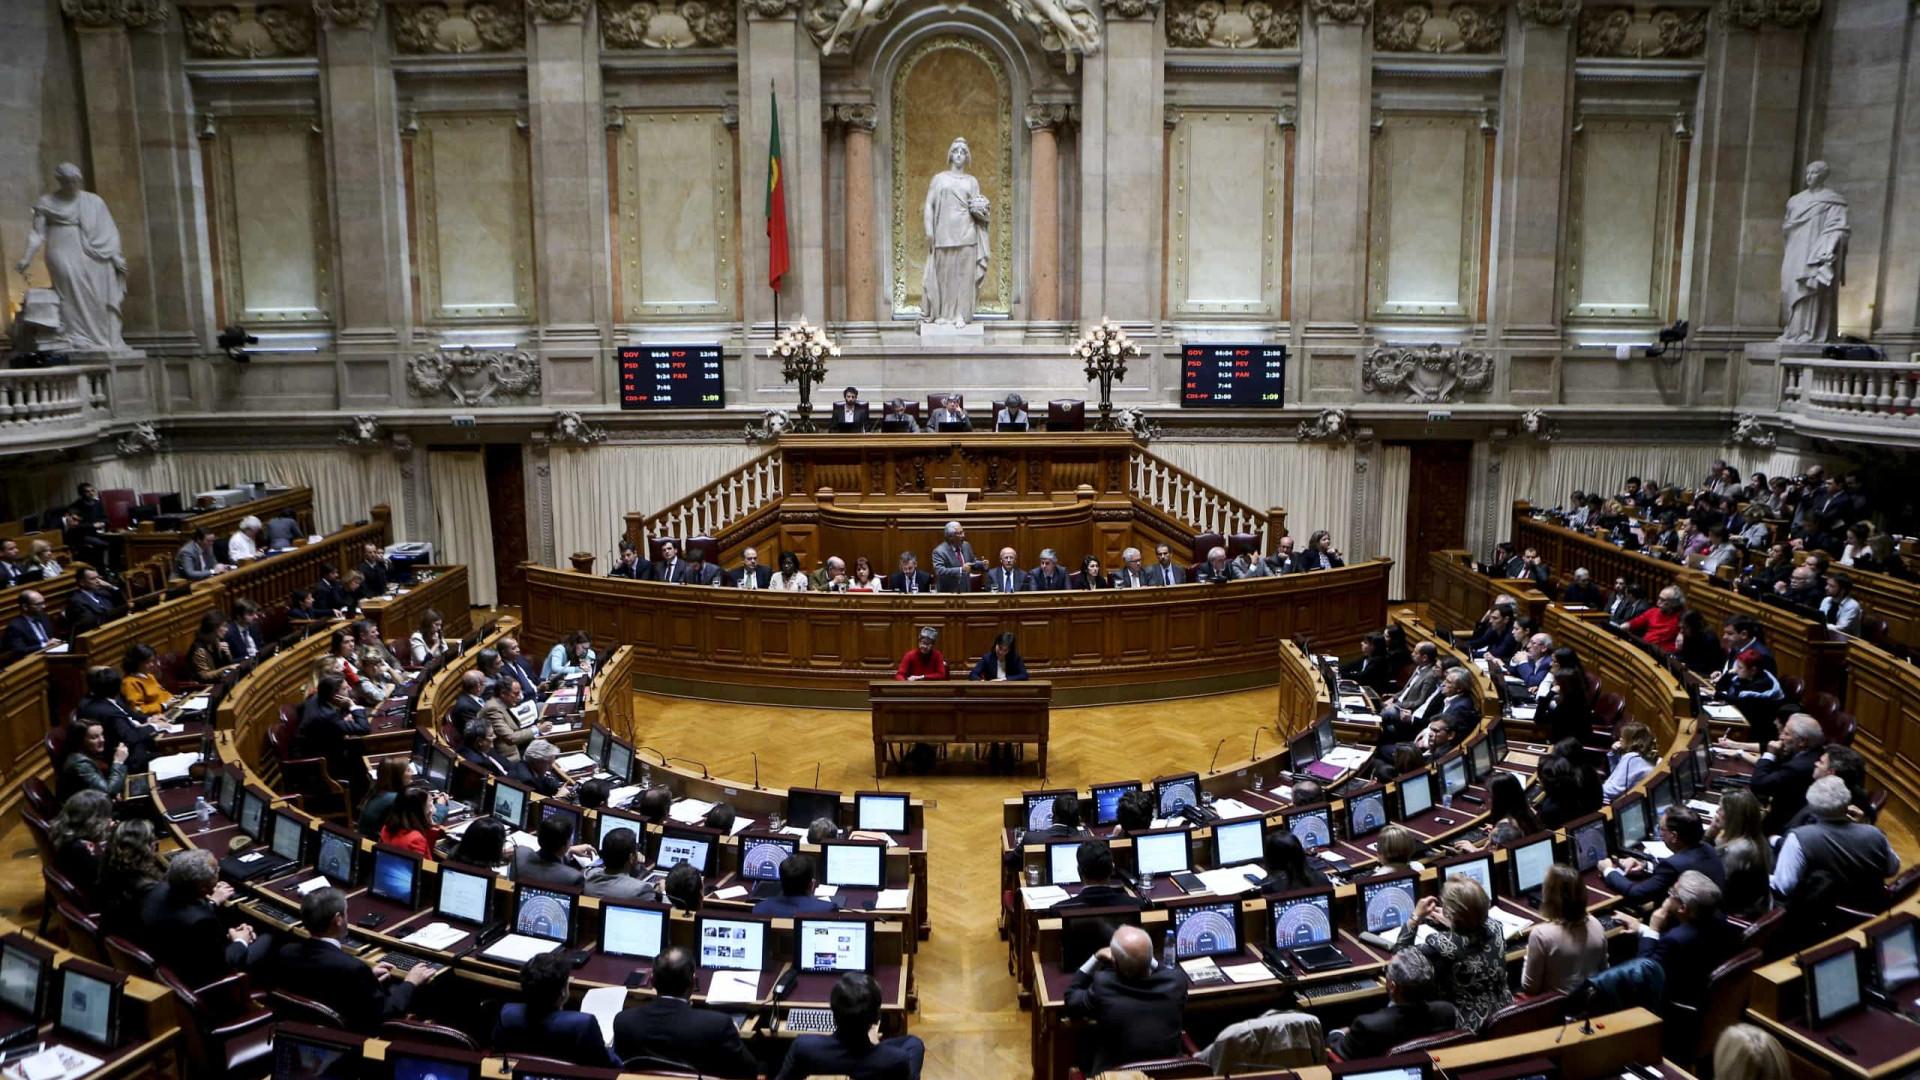 PSD e PS chumbam proposta do PCP para limitar remunerações de gestores